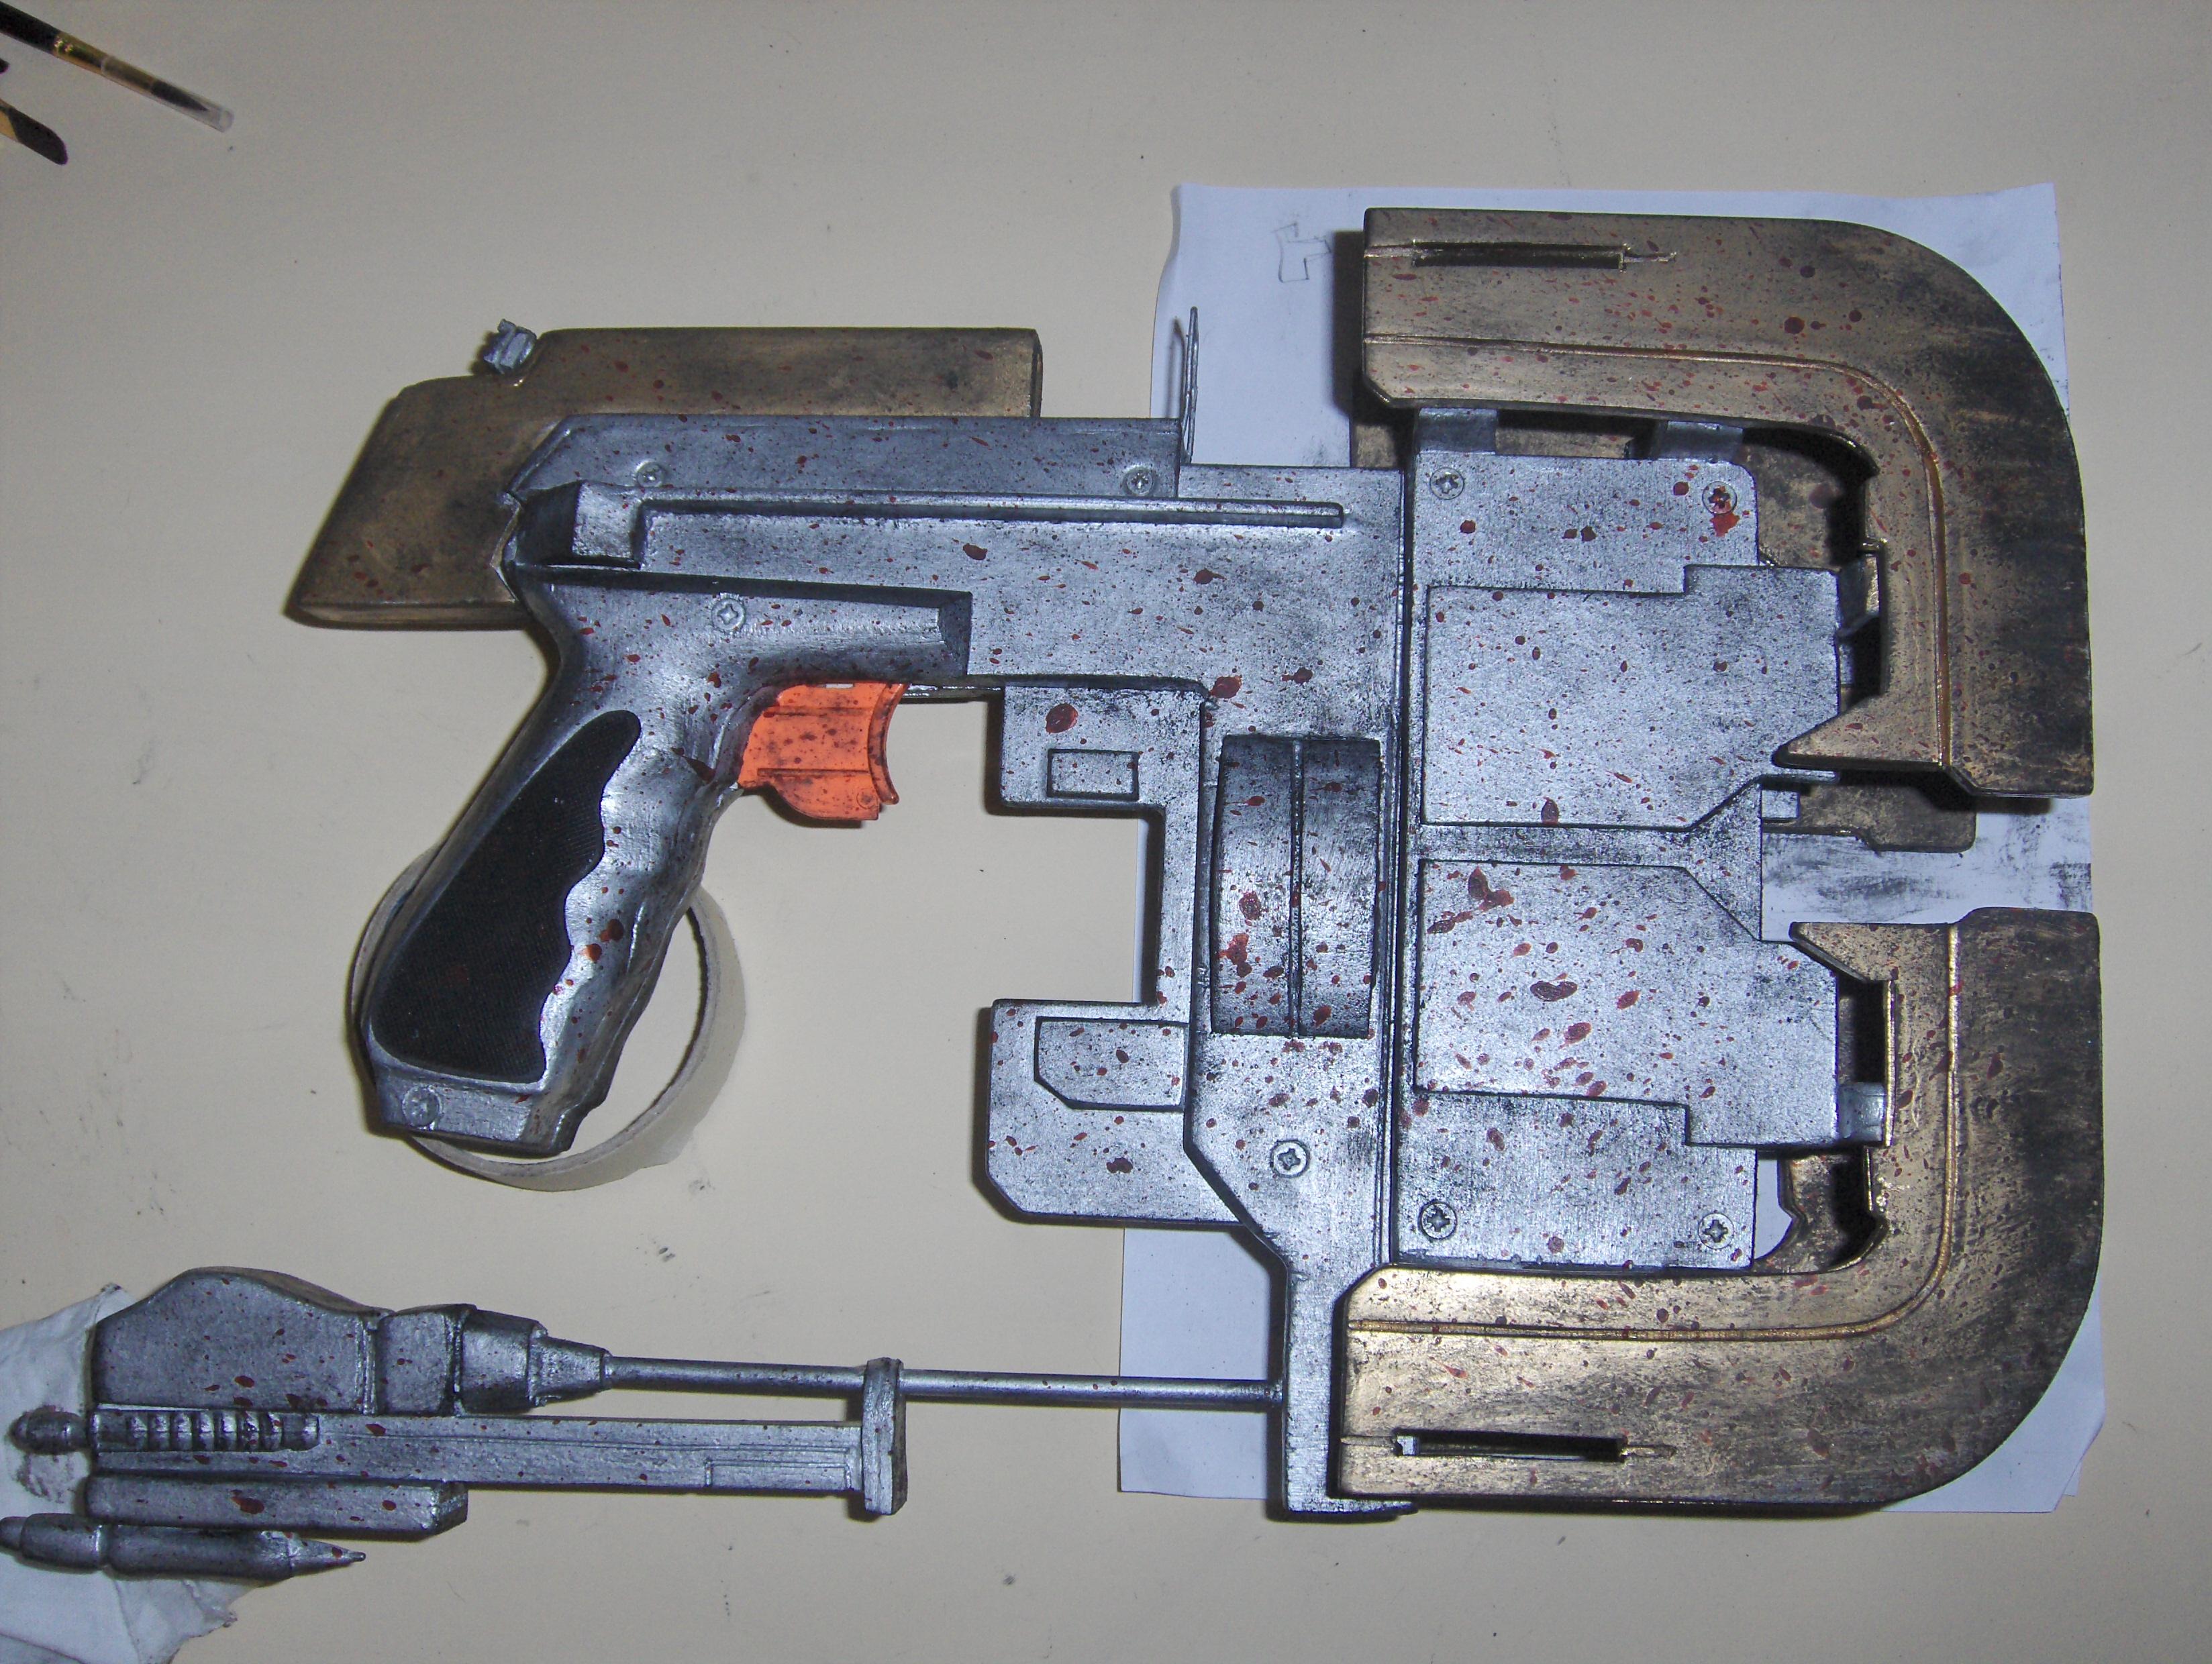 how to make a homemade plasma cutter